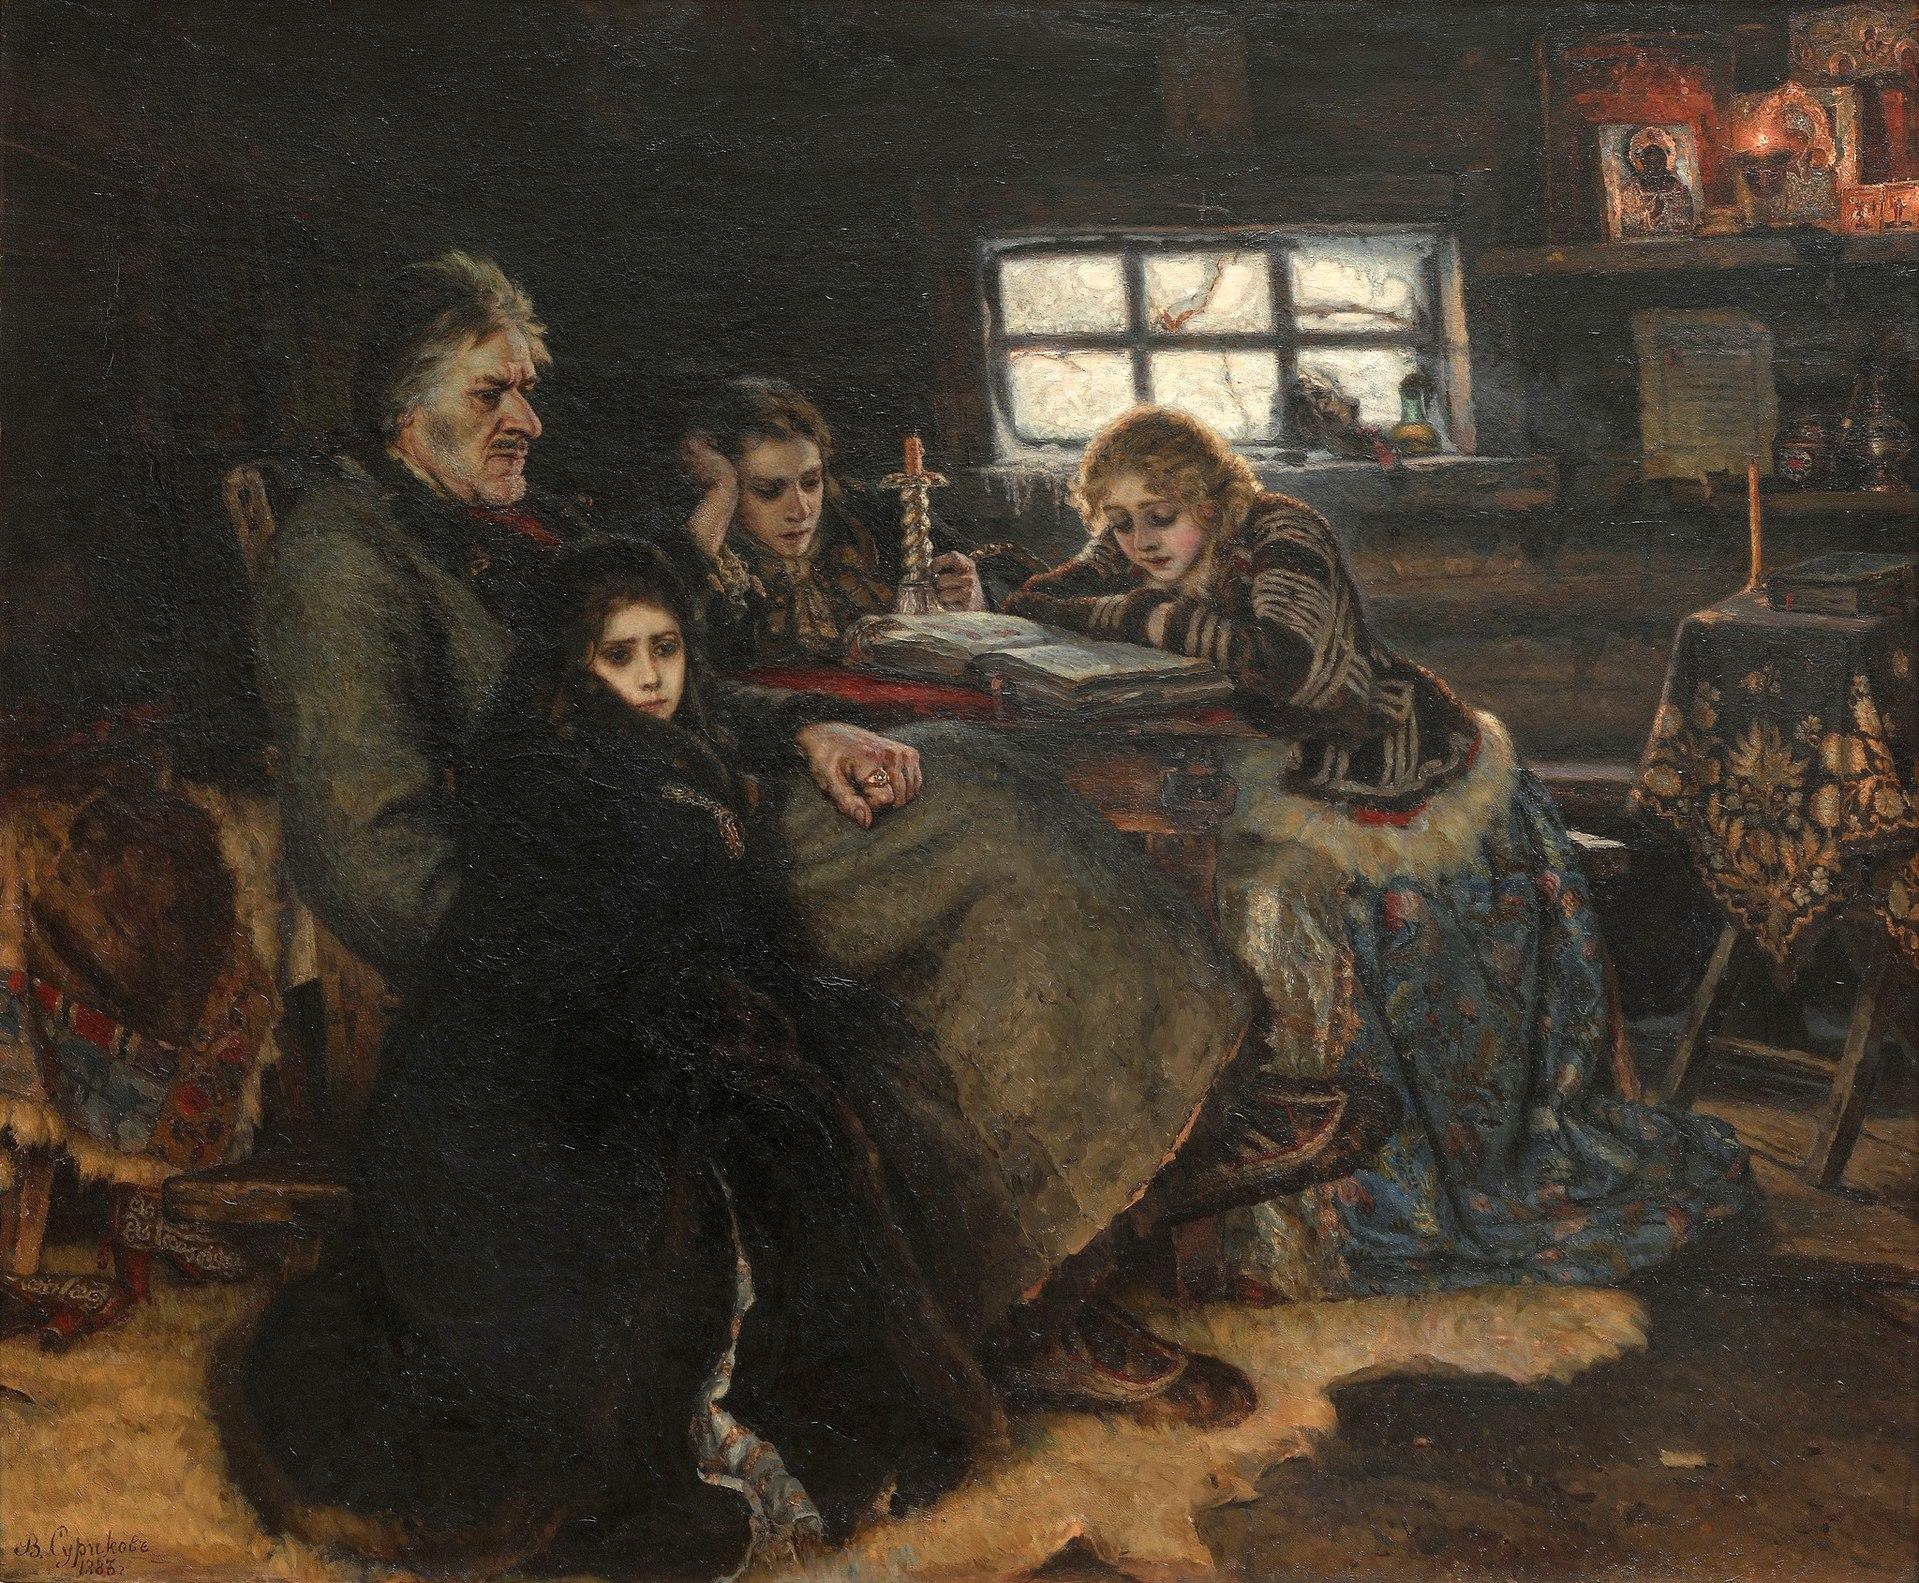 Василий Суриков, 1883 год, картина «Меншиков в Березове»